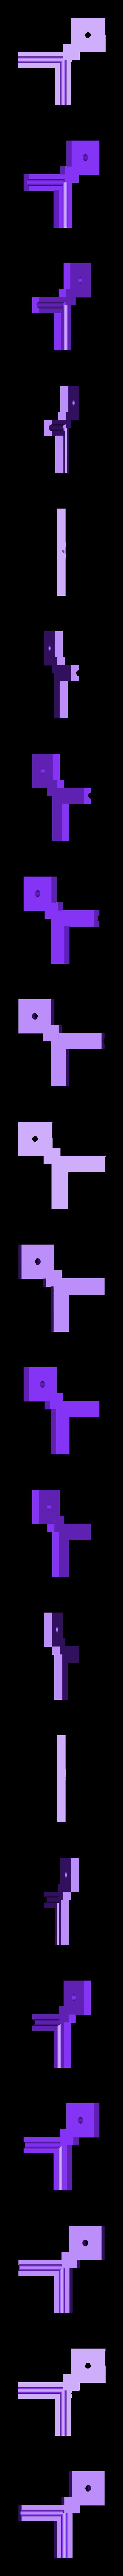 outil de positionnement.stl Download free STL file Tubes4shelves v1.0 • 3D printing model, KaptainPoiscaille